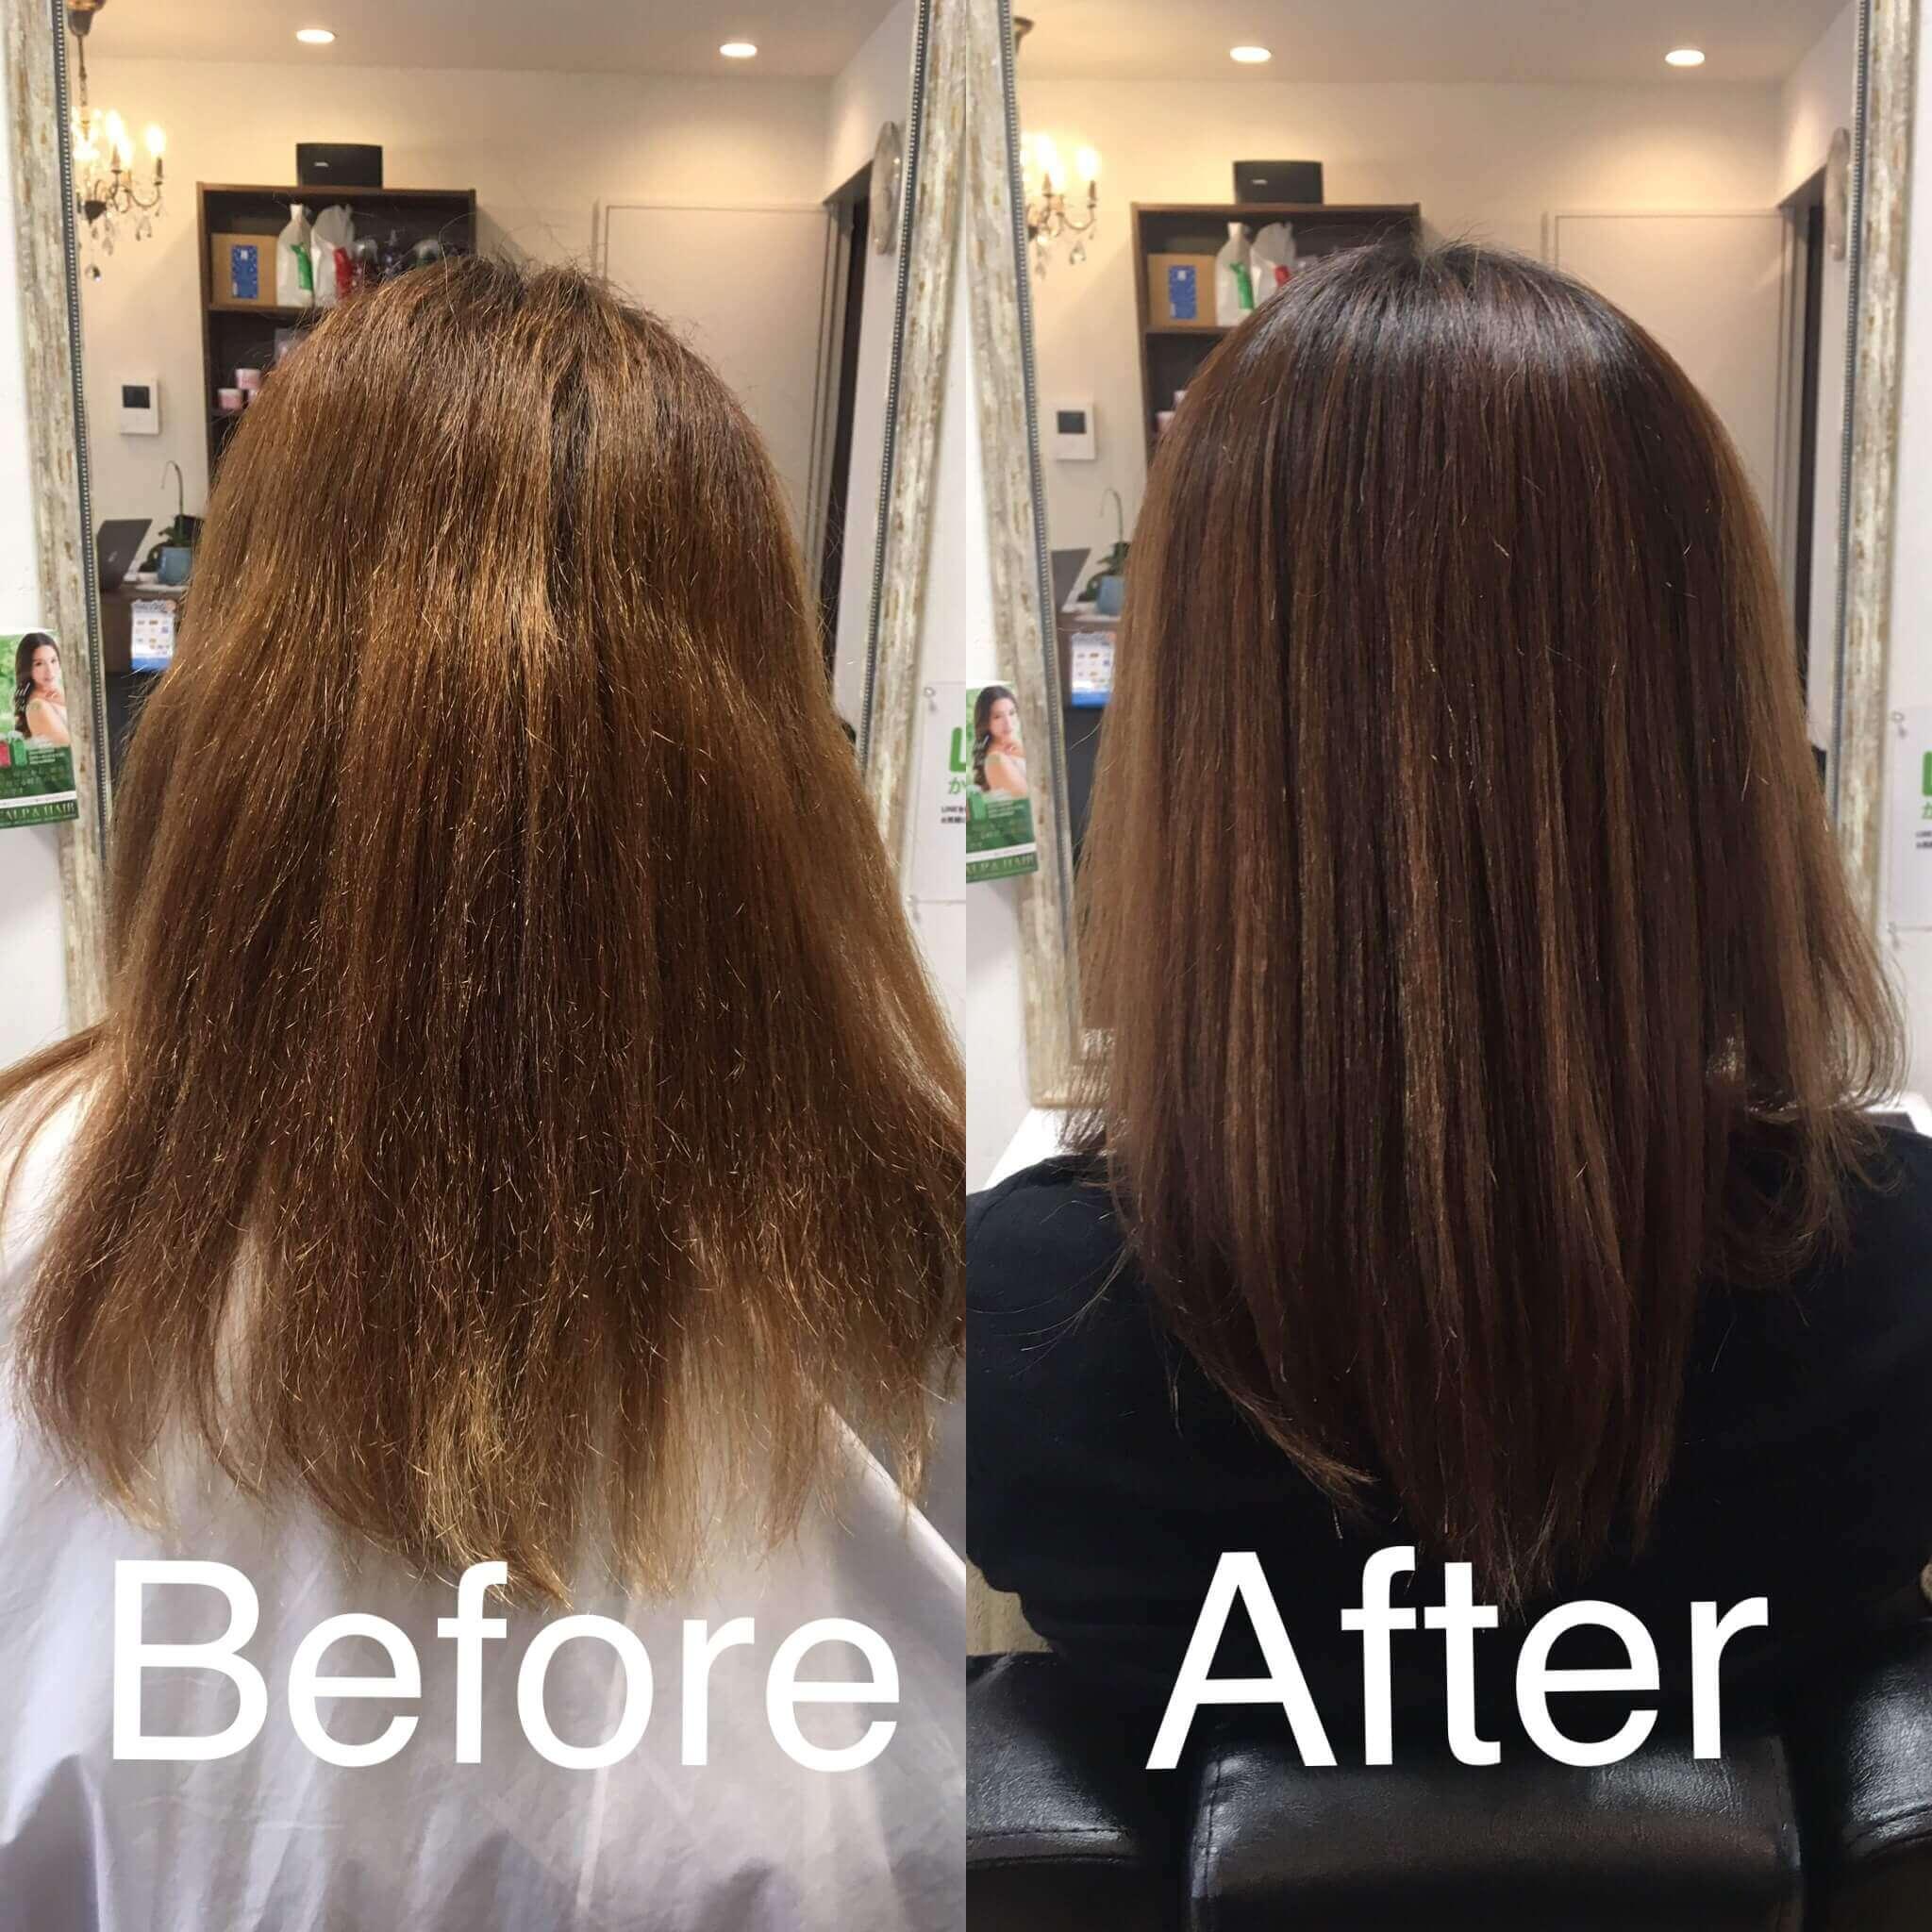 阿倍野の美容院(美容室)アトリ 縮毛矯正・髪質改善その1